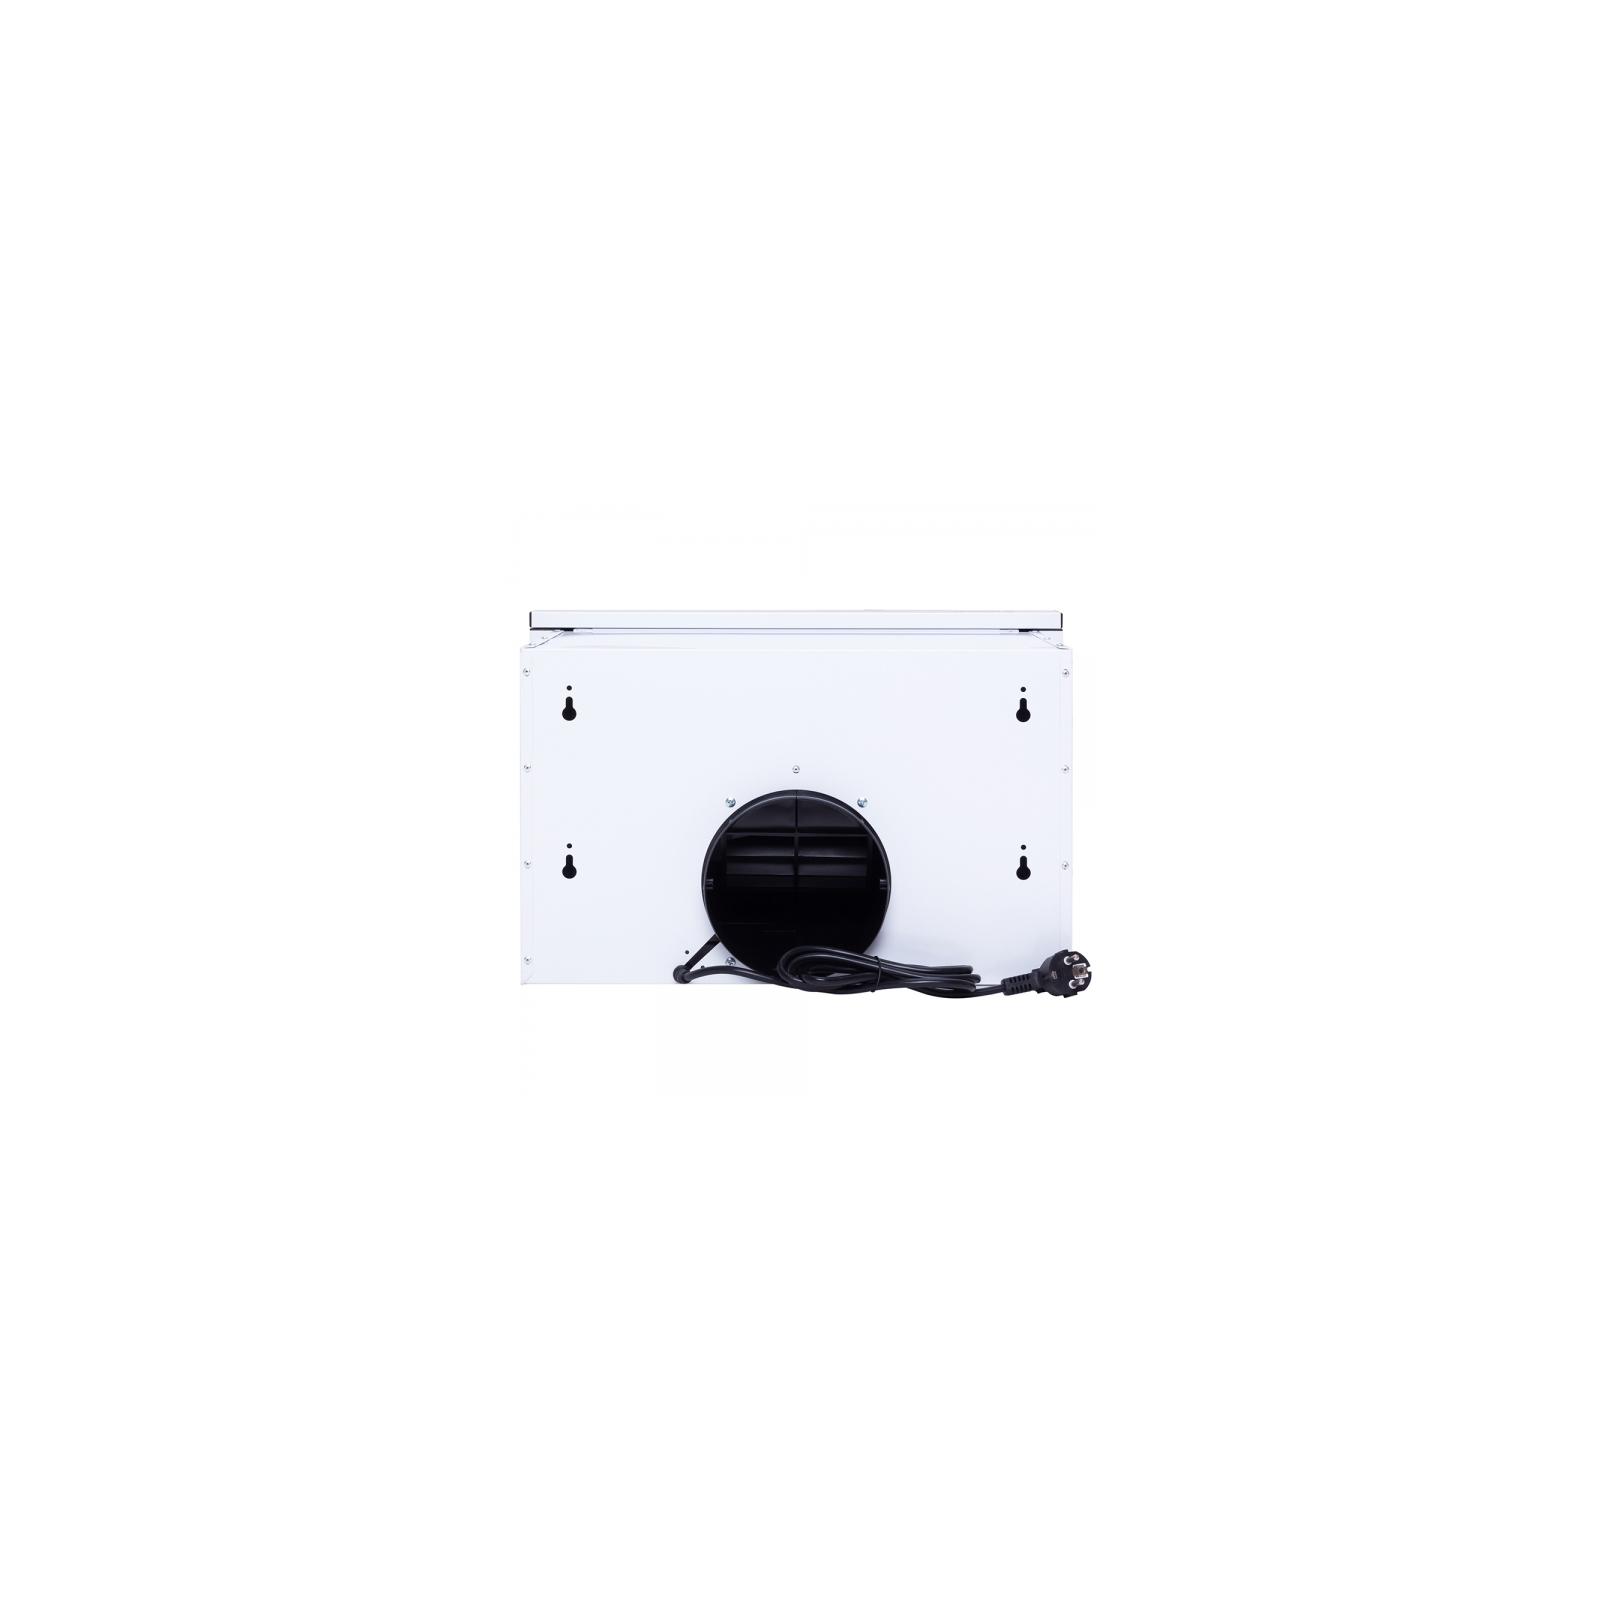 Вытяжка кухонная Minola HTL 5314 WH 750 LED изображение 6